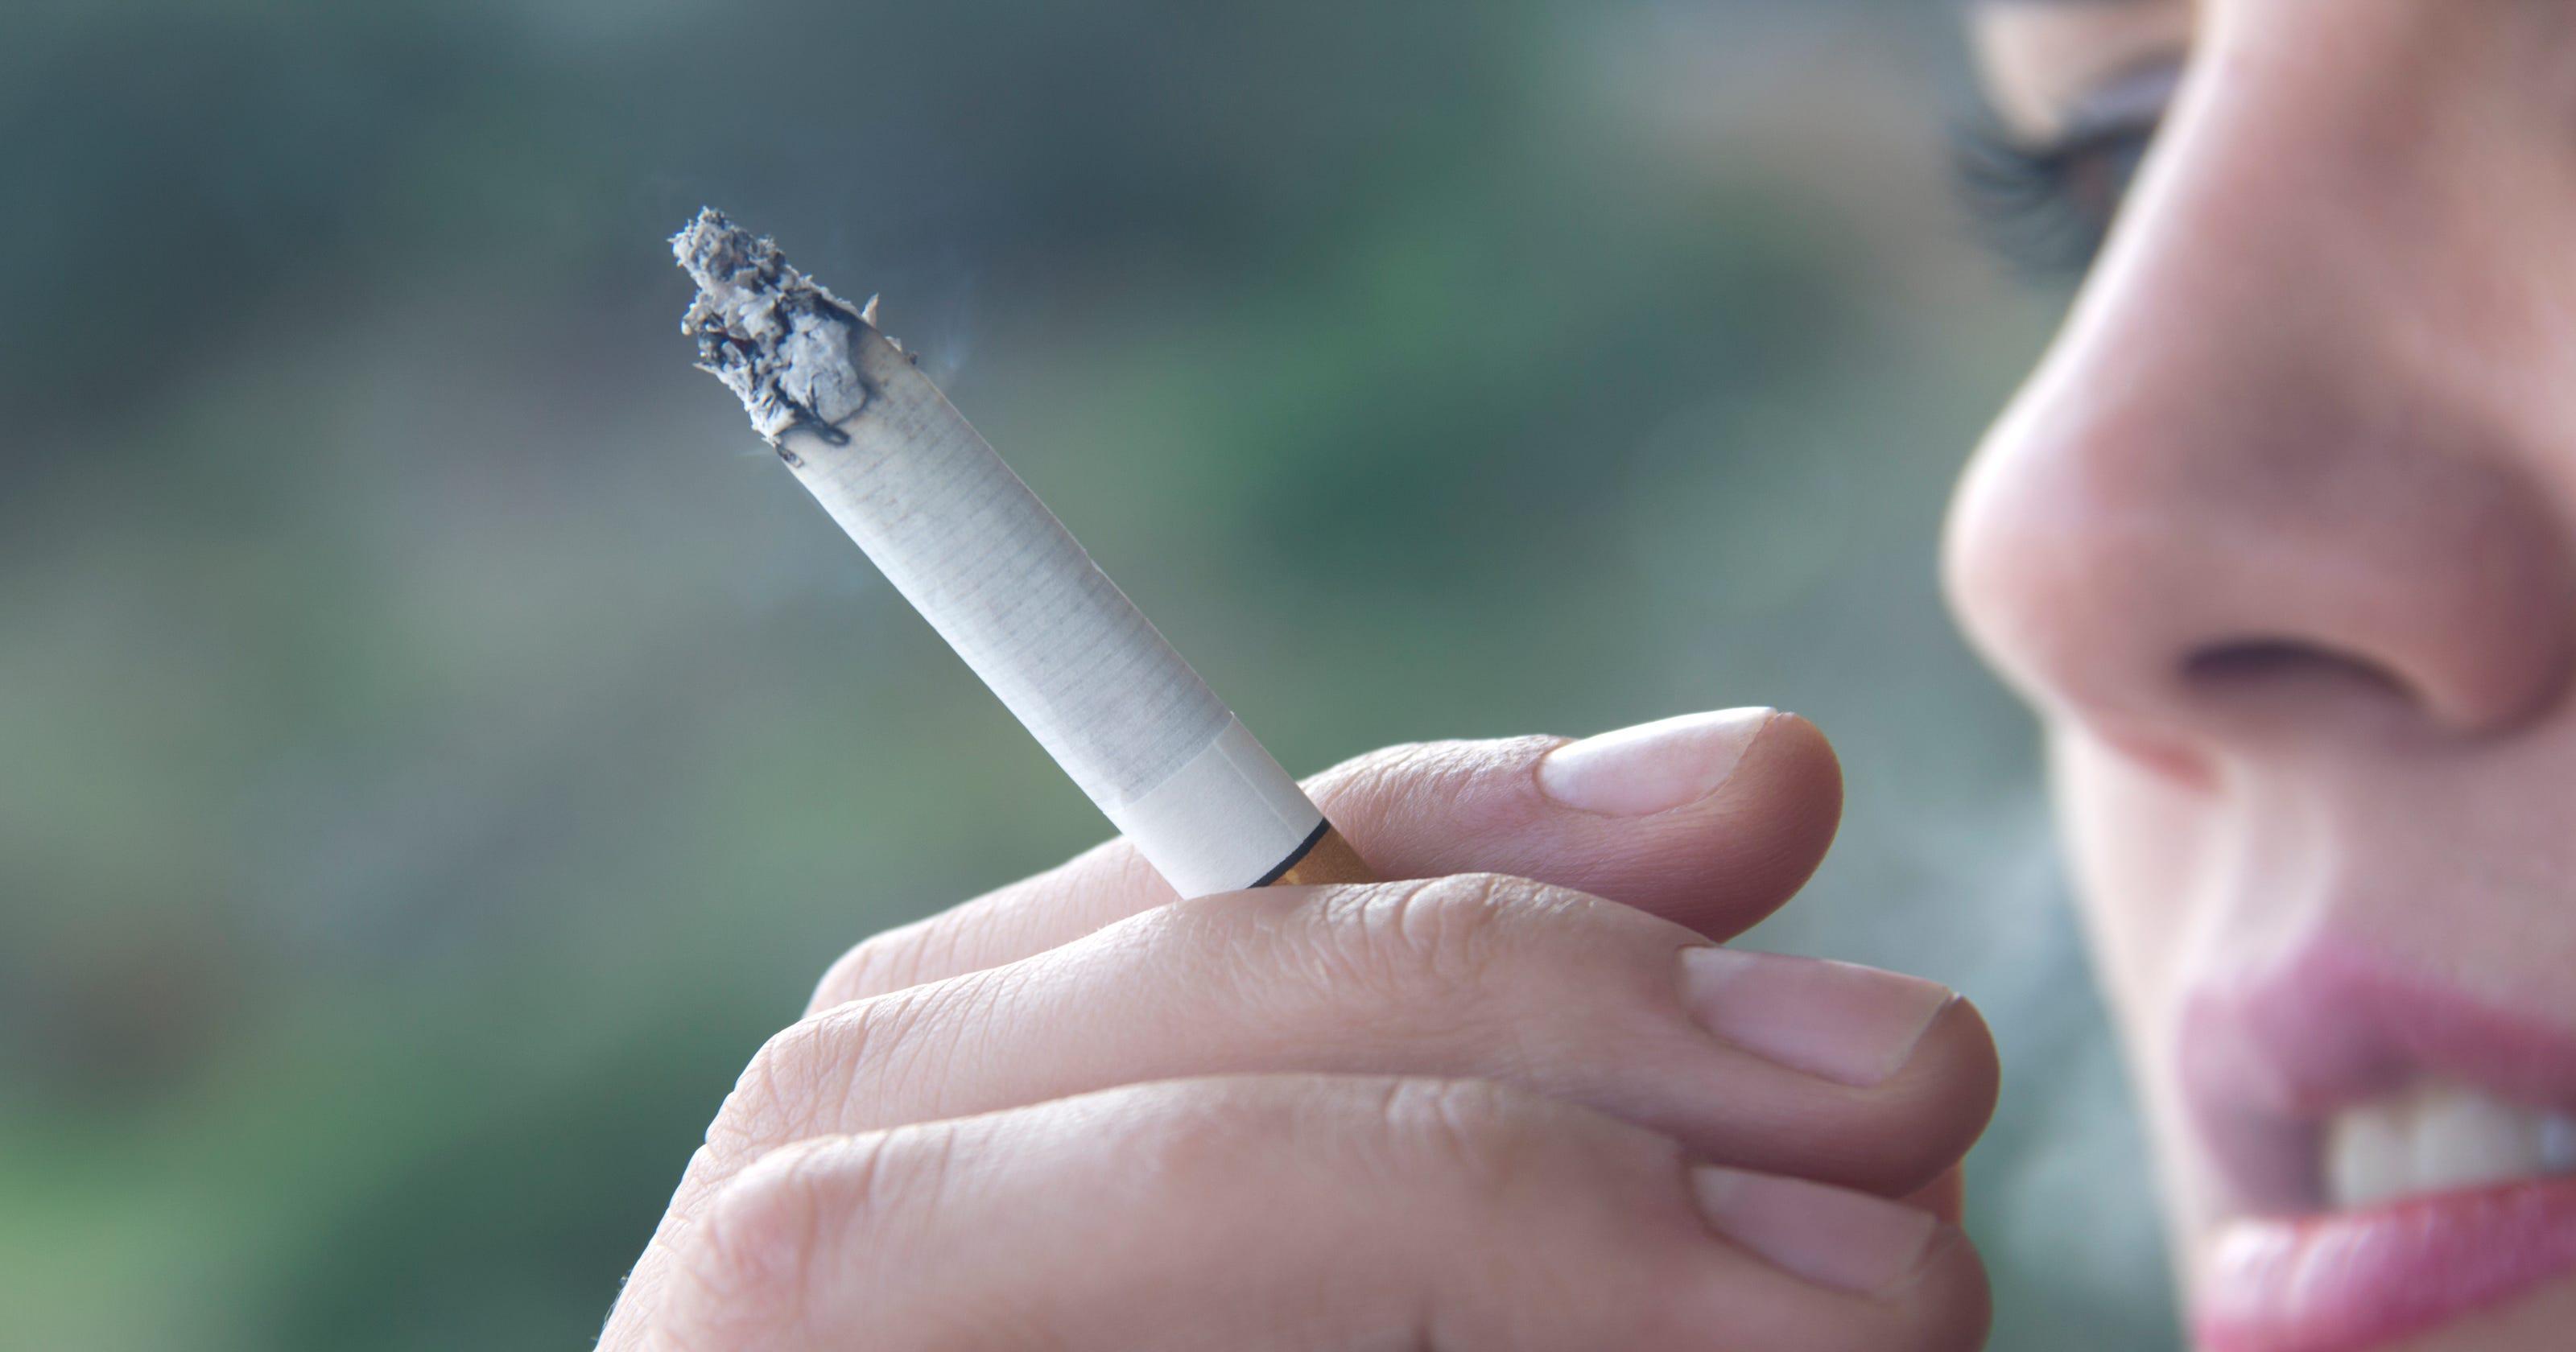 Rockland may raise smoking age